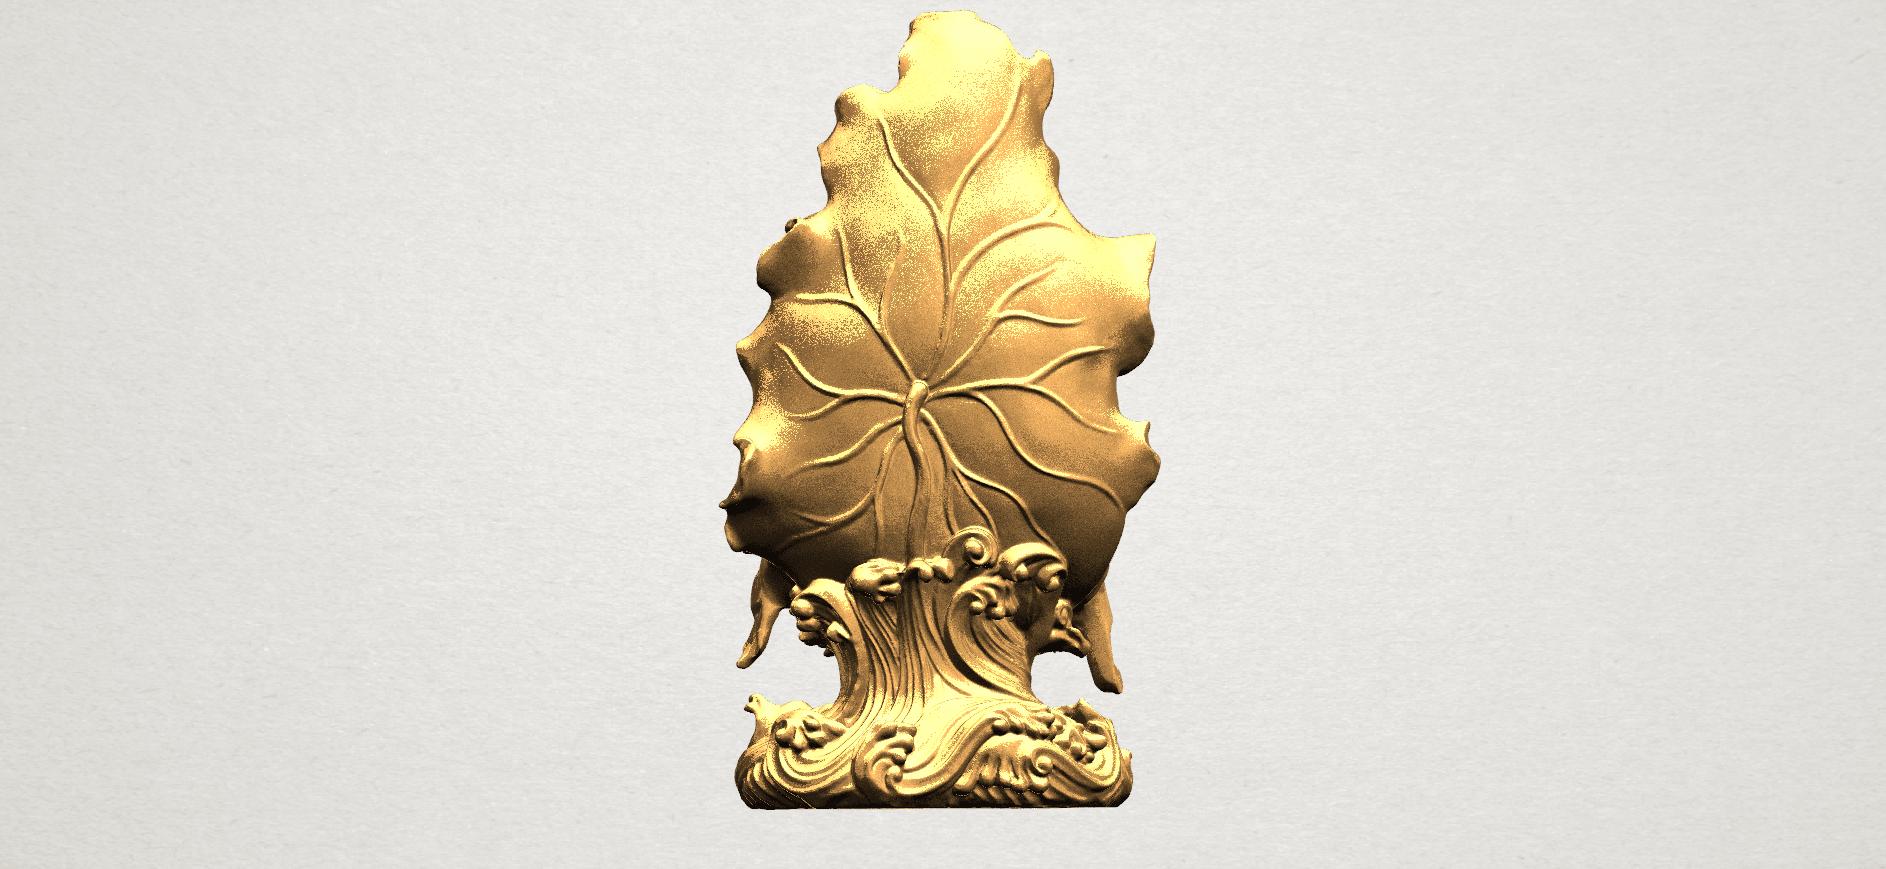 Avalokitesvara Buddha (with Lotus Leave) (ii) A06.png Download free STL file Avalokitesvara Buddha (with Lotus Leave) 02 • Model to 3D print, GeorgesNikkei